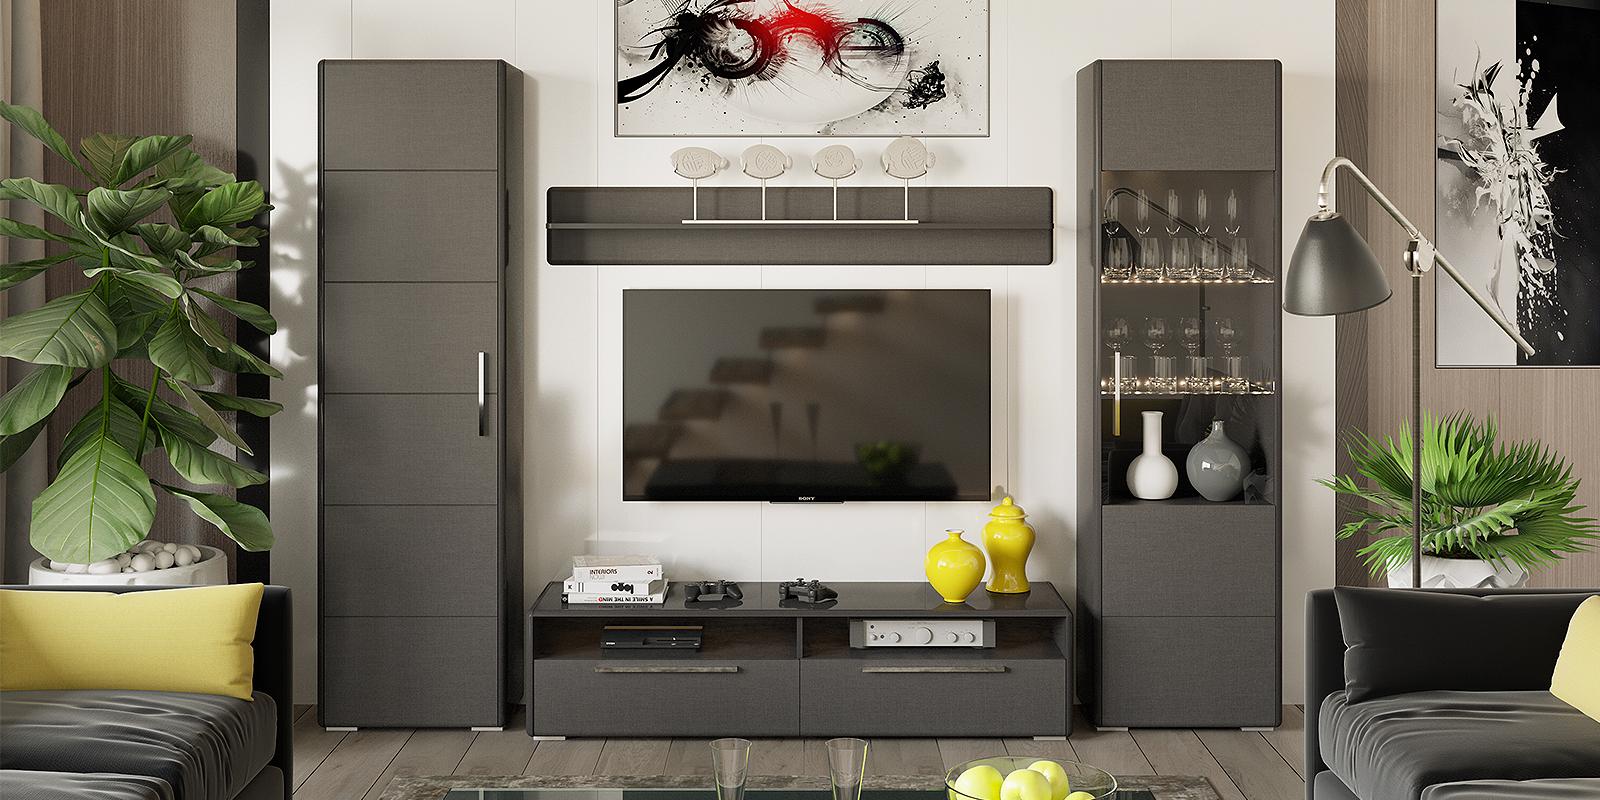 Модульная система Сорренто вариант №7 (серый/коричневый) от HomeMe.ru